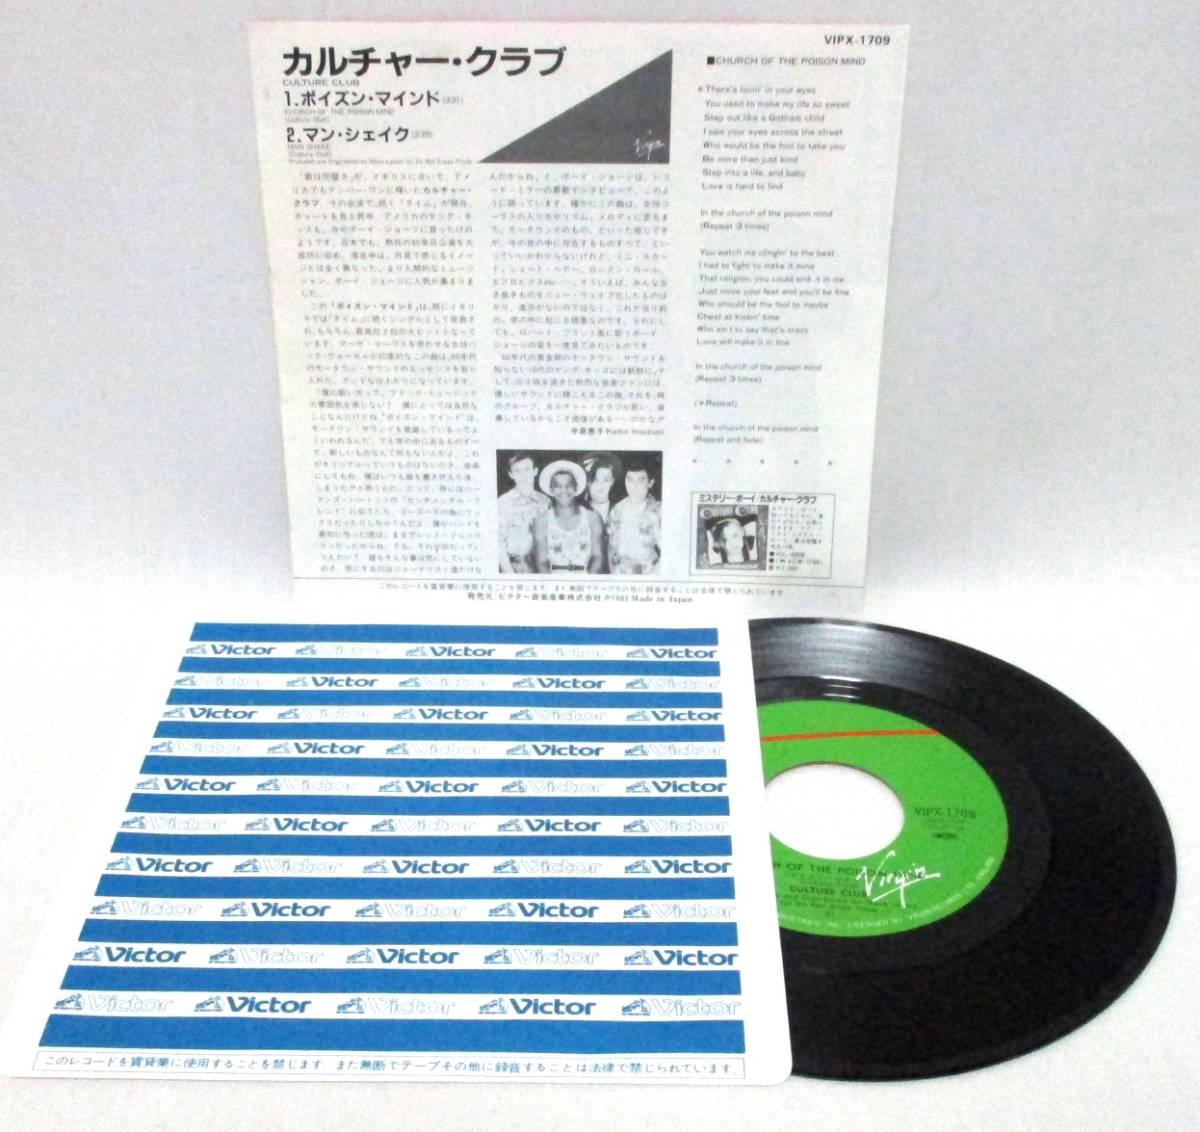 【日7】 CULTURE CLUB / CHURCH OF THE POISON MIND ポイズンマインド / 1983 国内盤 日本盤 VICTOR 7インチシングルレコード EP 80sヒット_画像2